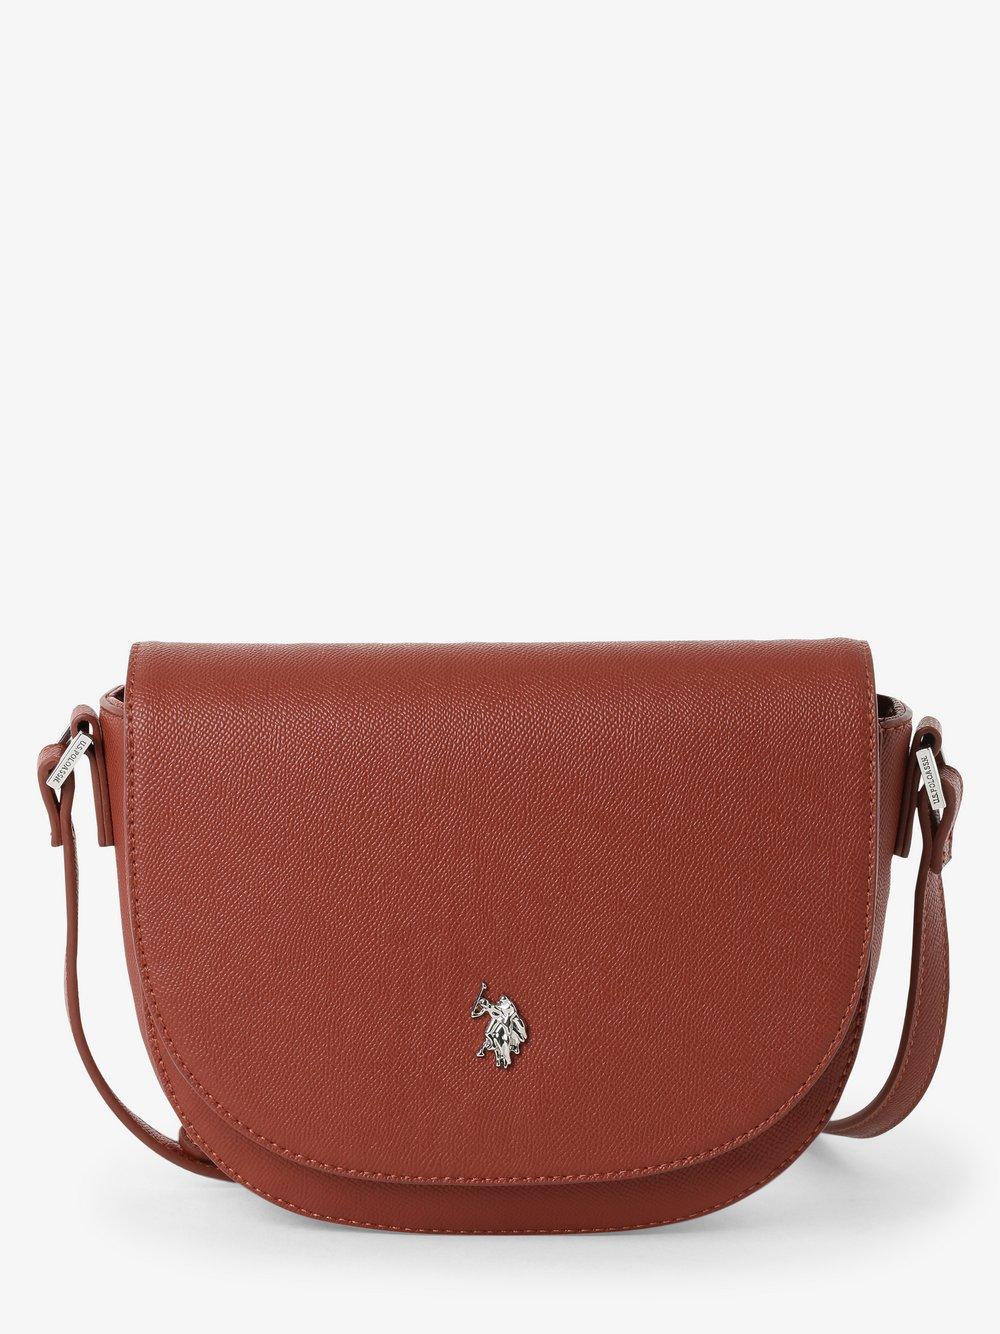 U.S. Polo Assn. – Damska torebka na ramię – Jones, beżowy Van Graaf 485259-0001-00000